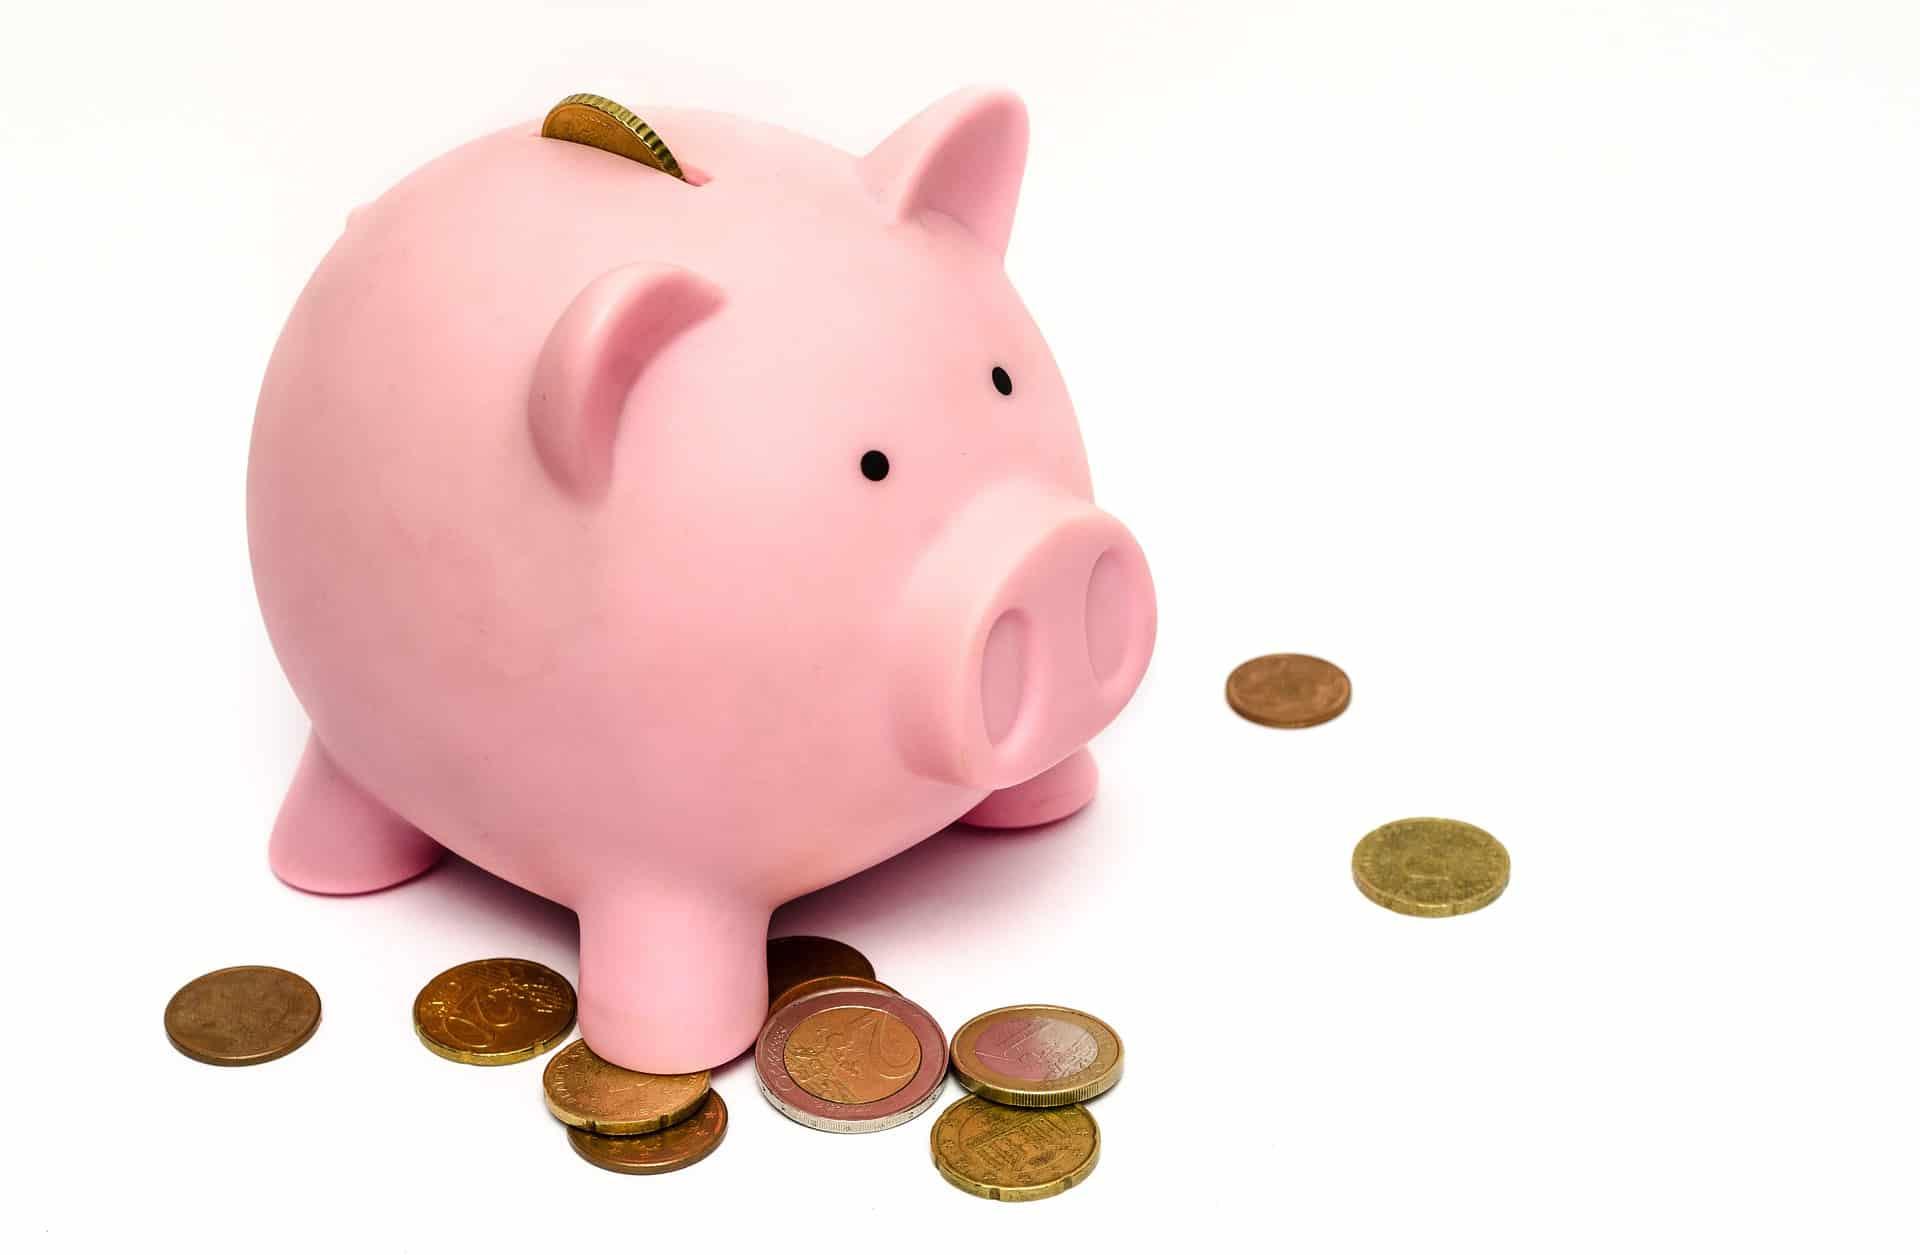 Risparmiare con auto-noleggio a lungo termine: tutti i vantaggi concreti